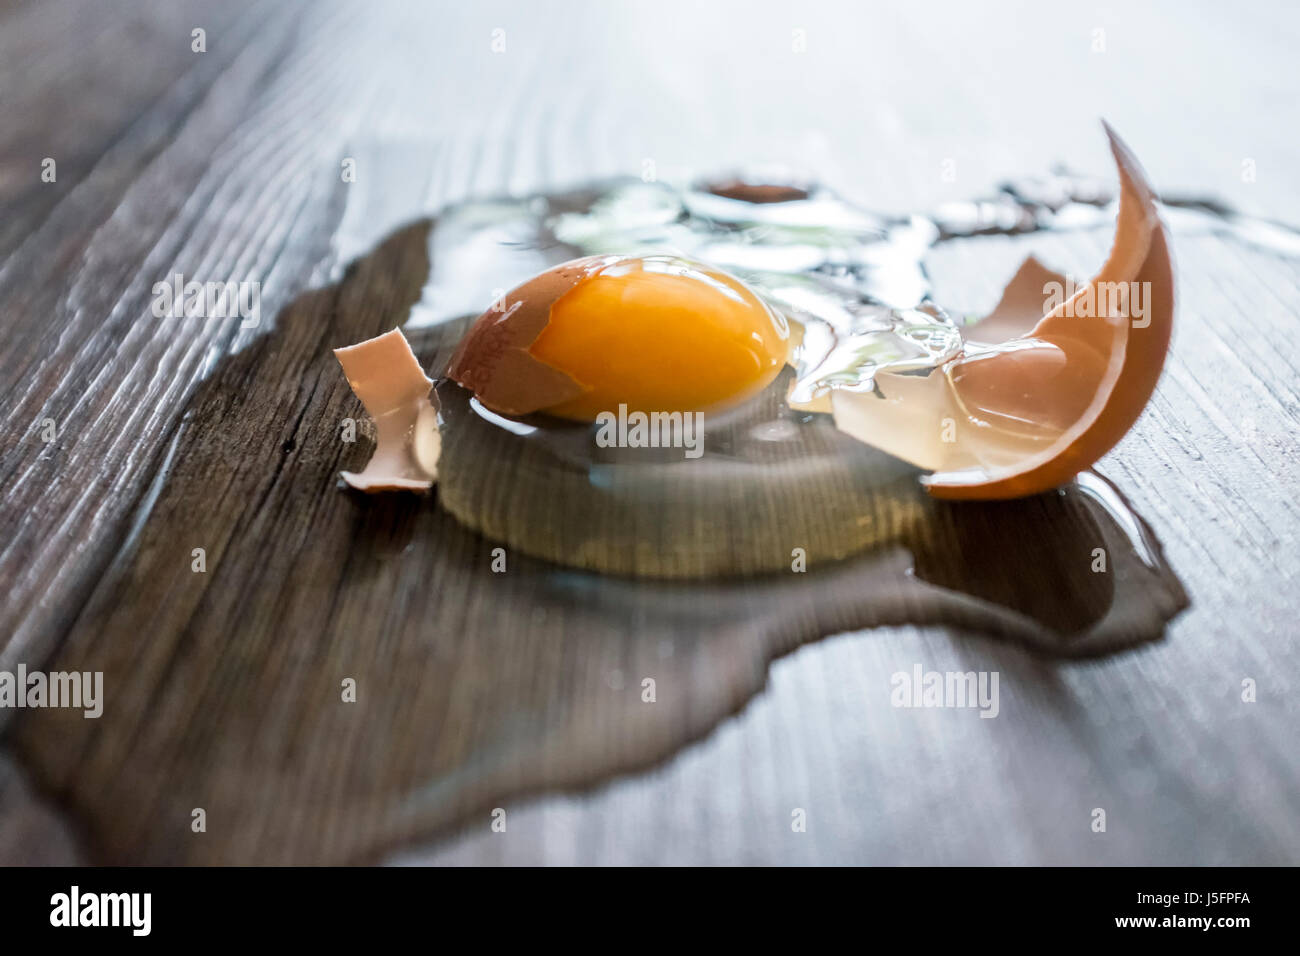 Broken Egg - Stock Image